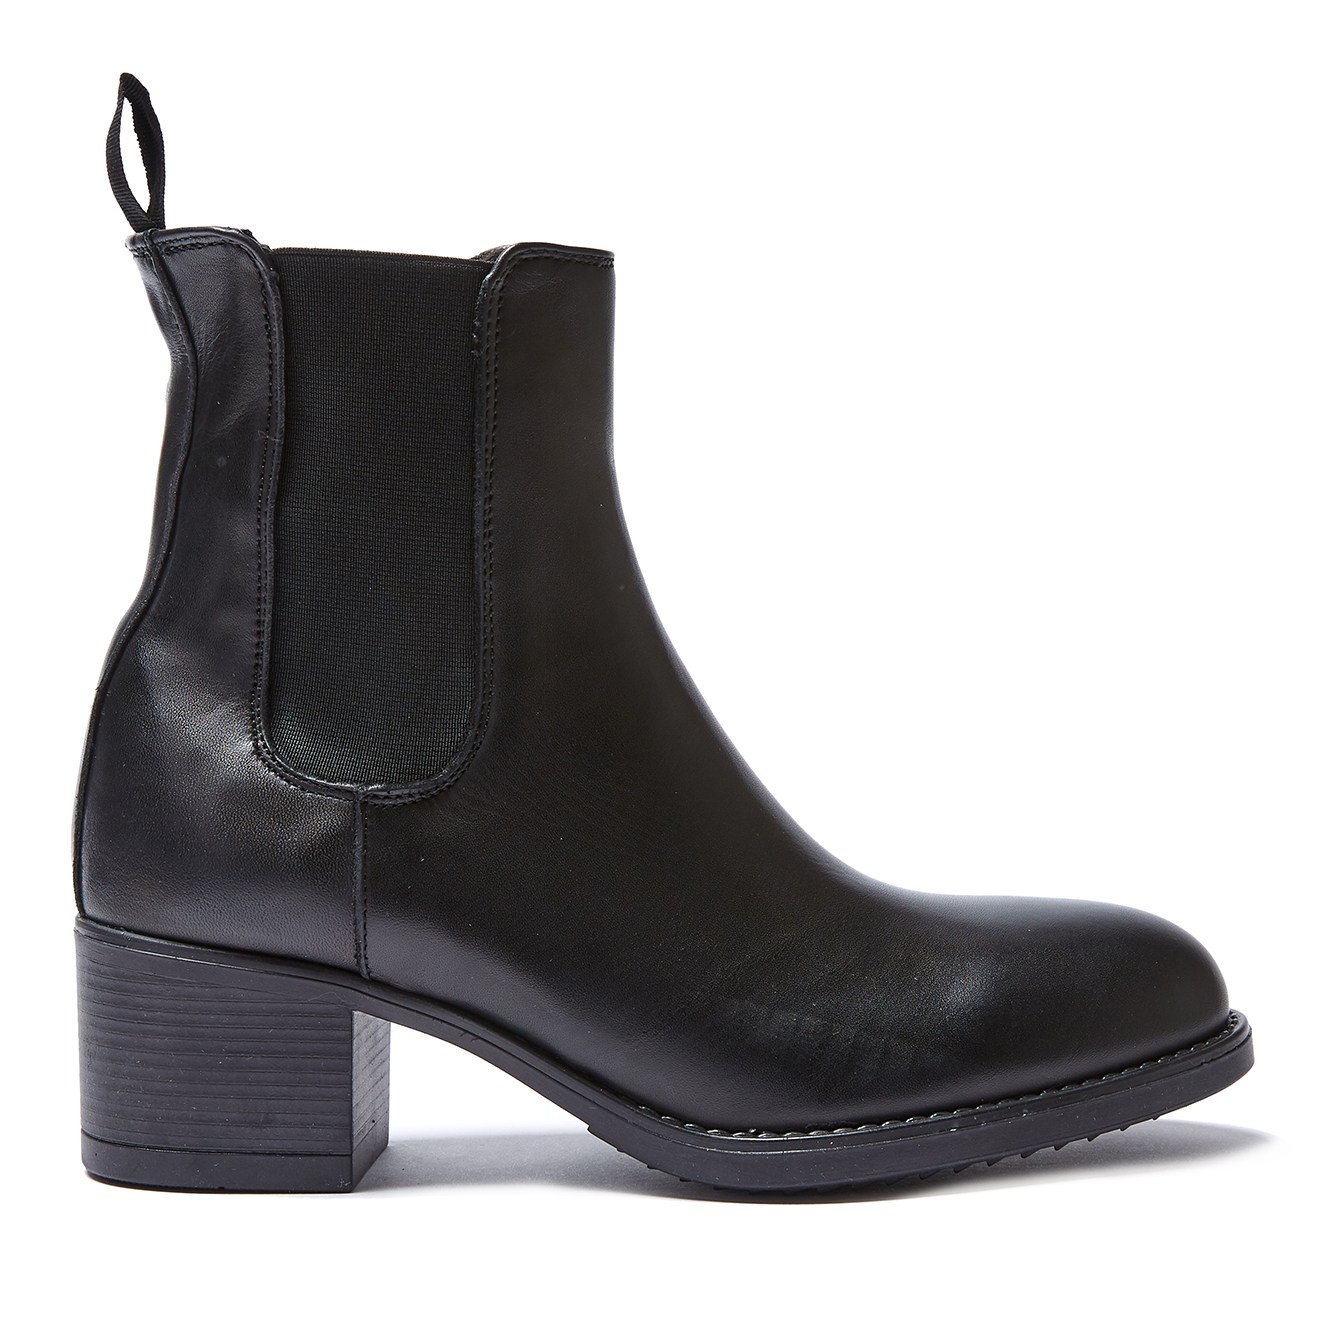 Chelsea Boots en Cuir Emmanuelle noires - Talon 5 cm